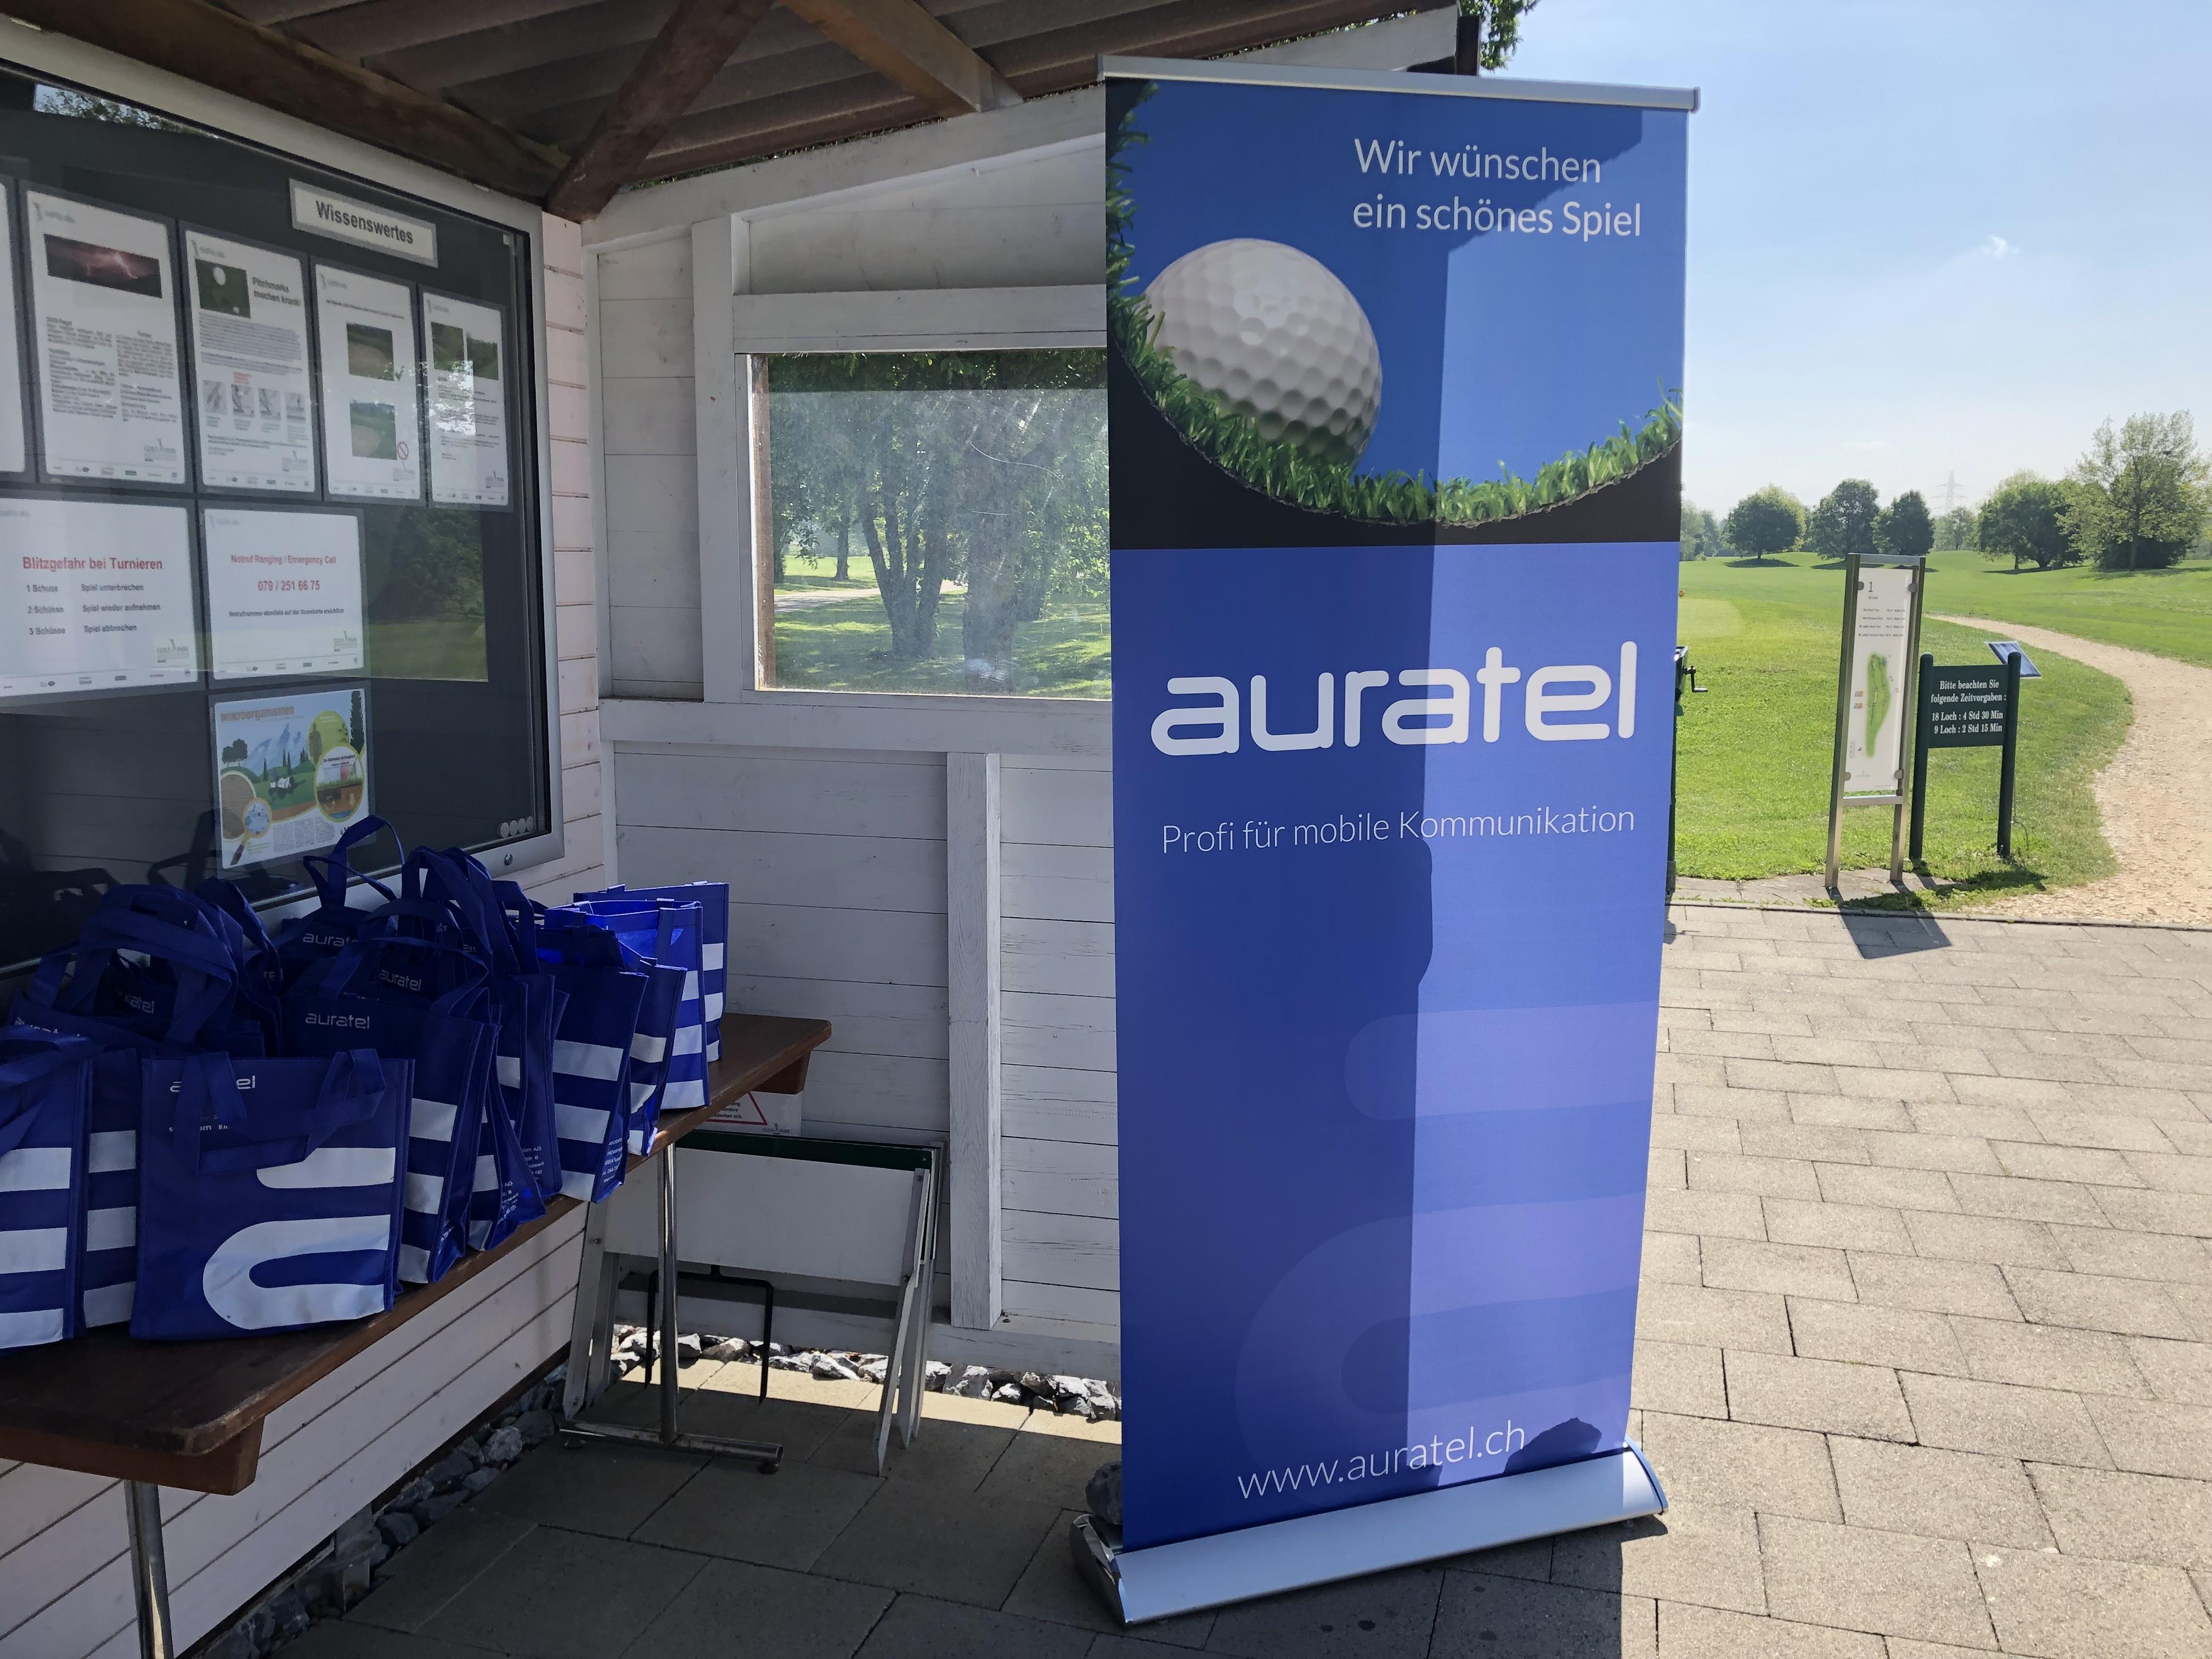 Auratel Seniors Invitational 2019